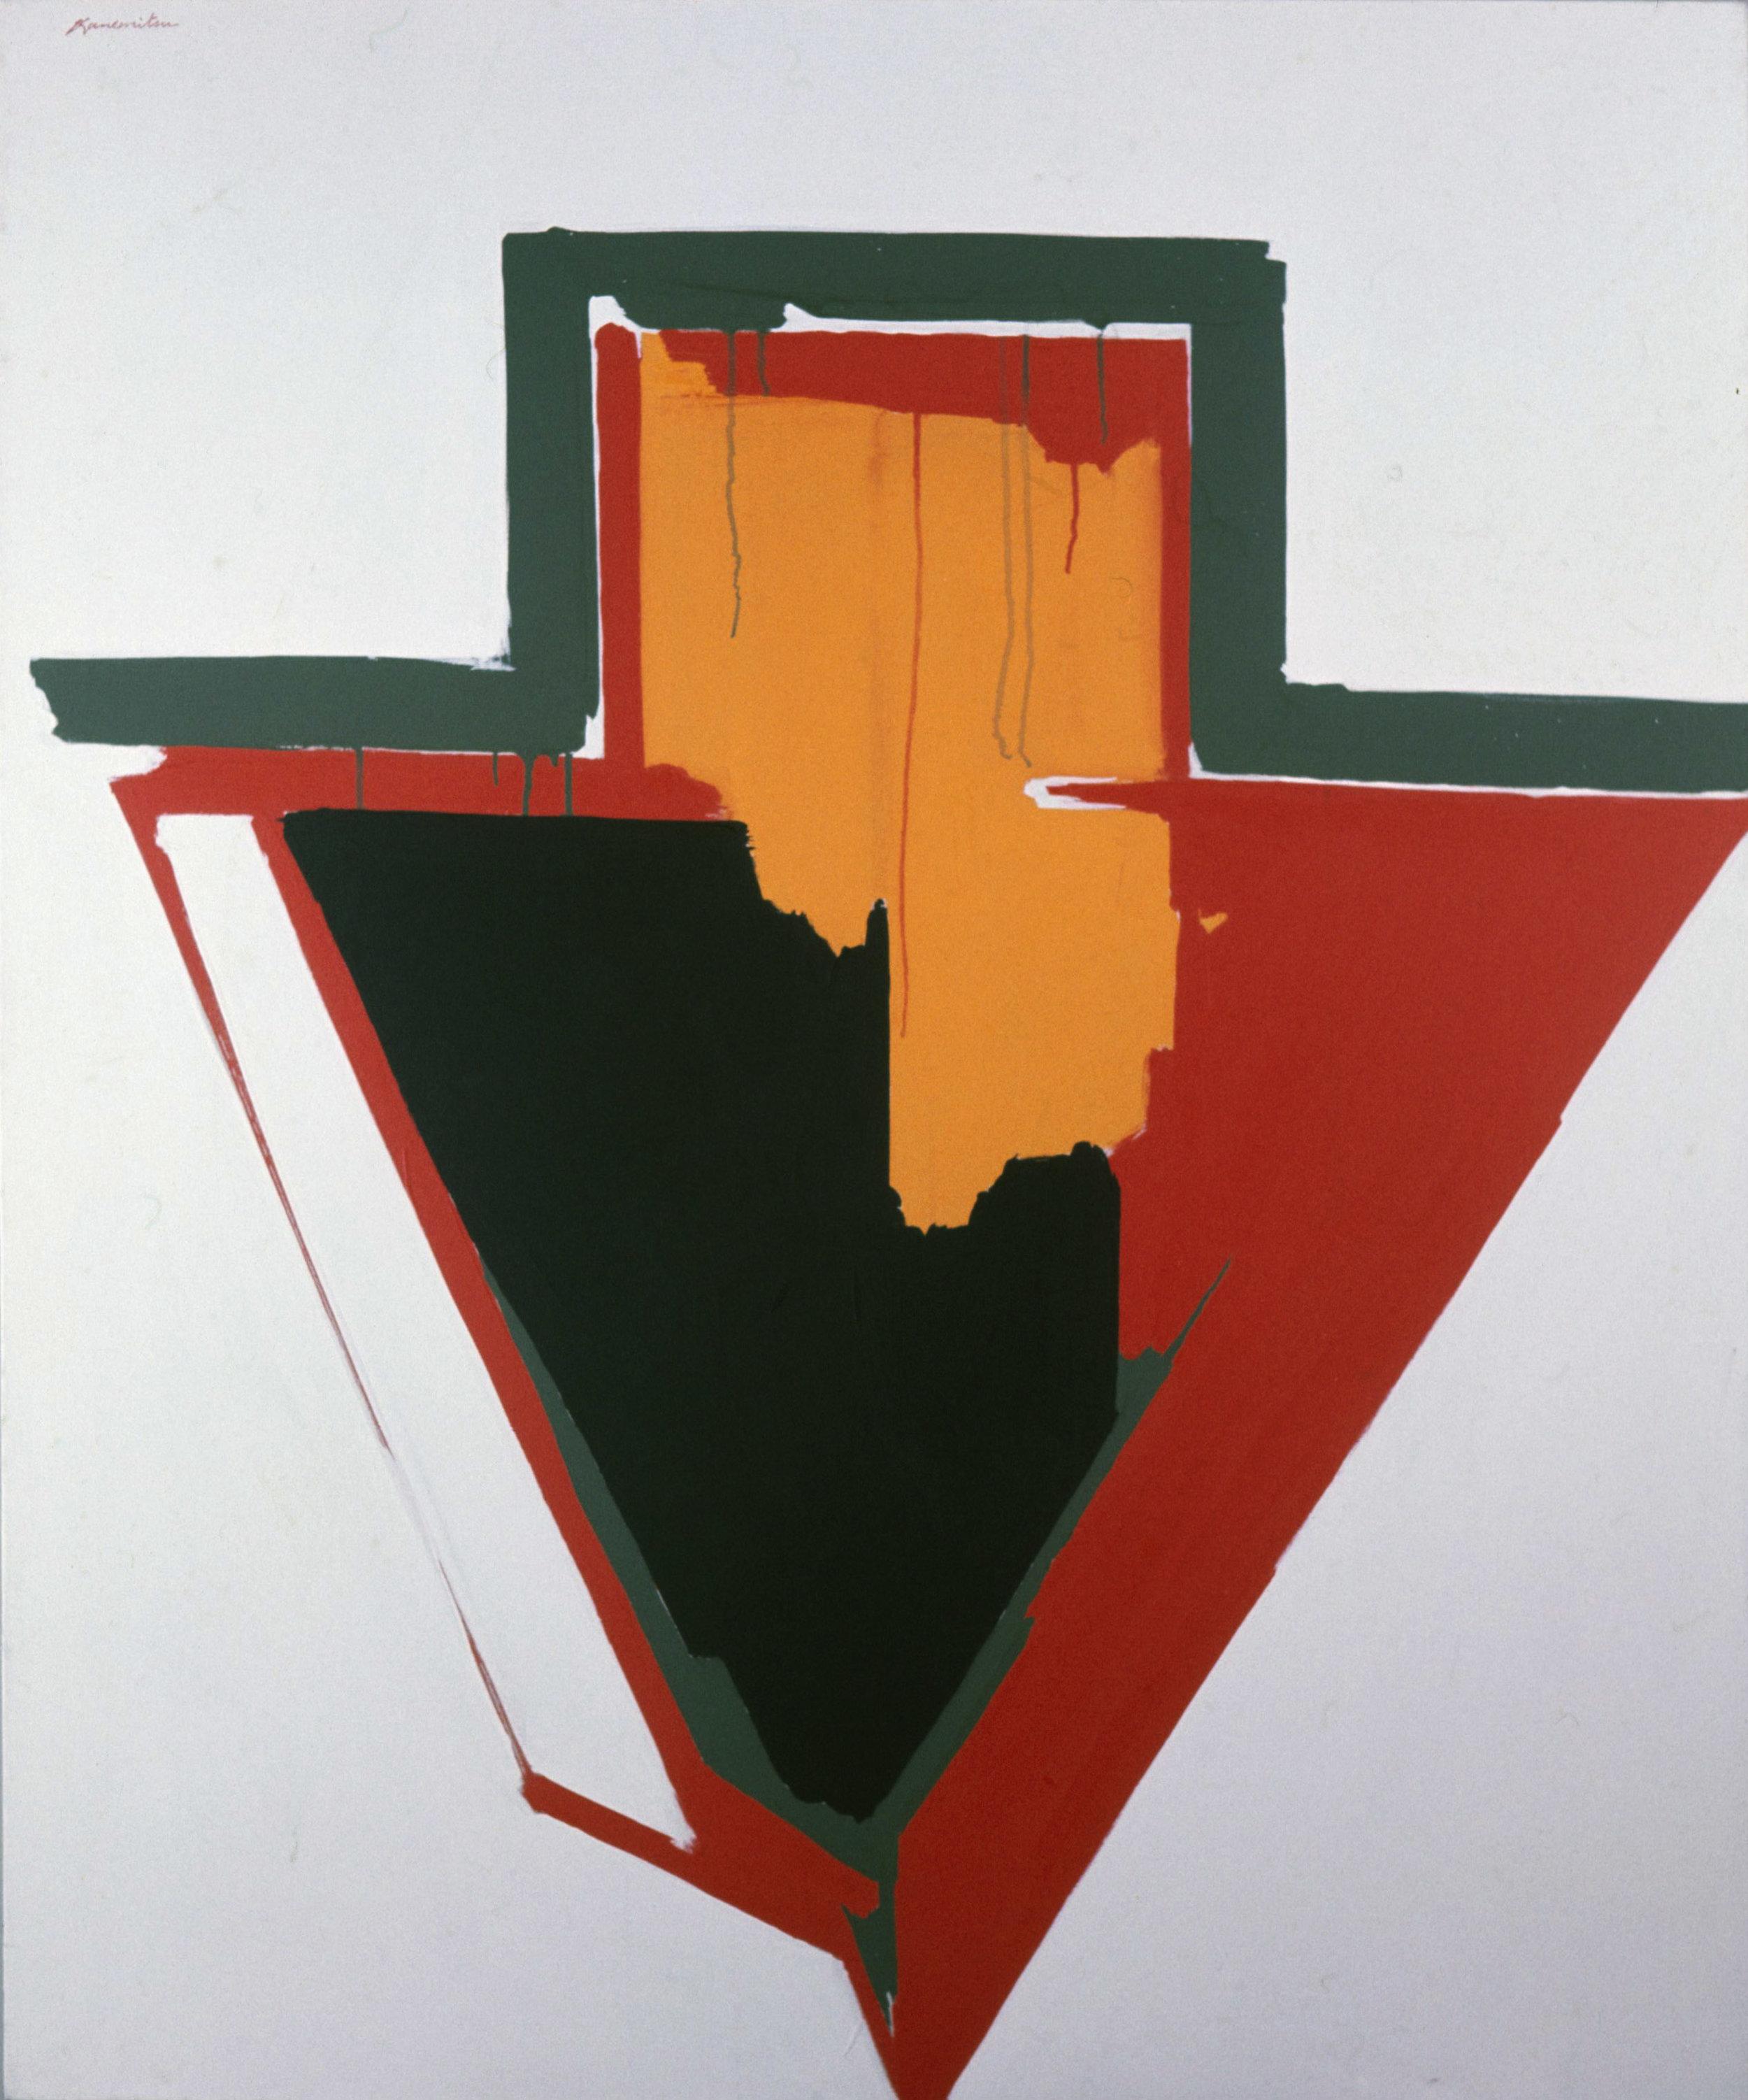 Arrow #11 , 1964 acrylic on canvas